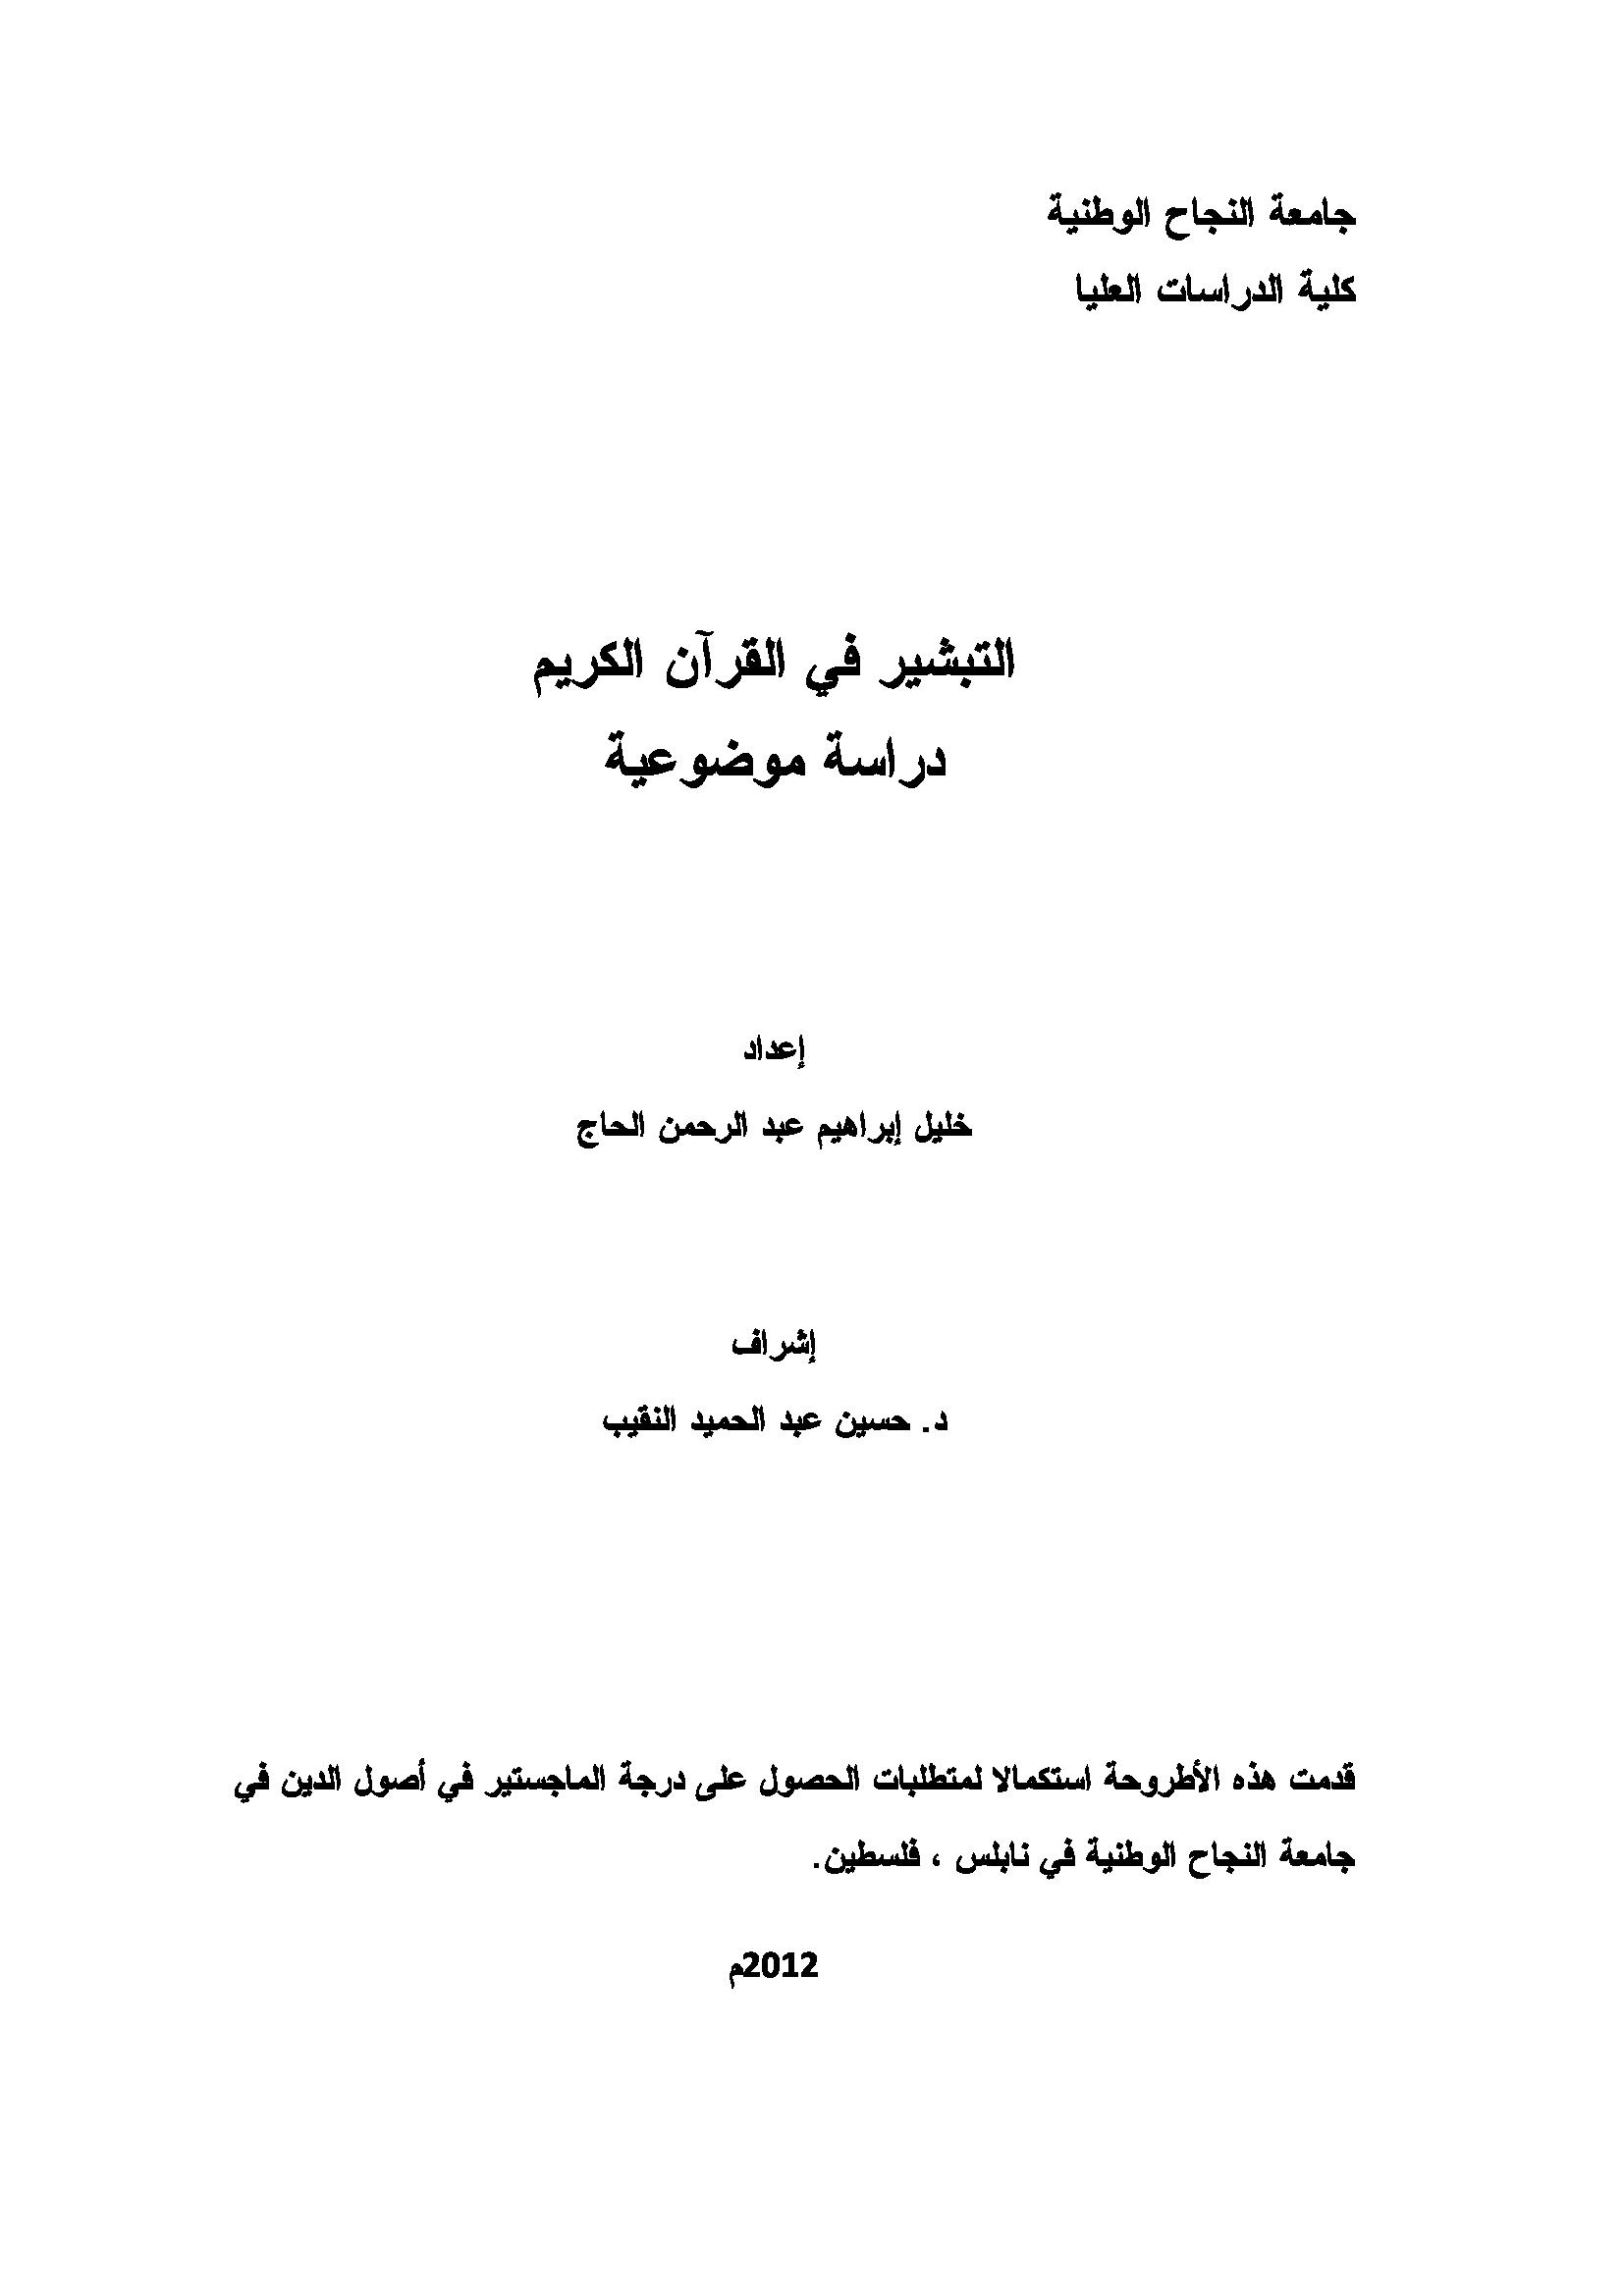 تحميل كتاب التبشير في القرآن الكريم (دراسة موضوعية) لـِ: خليل إبراهيم عبد الرحمن الحاج